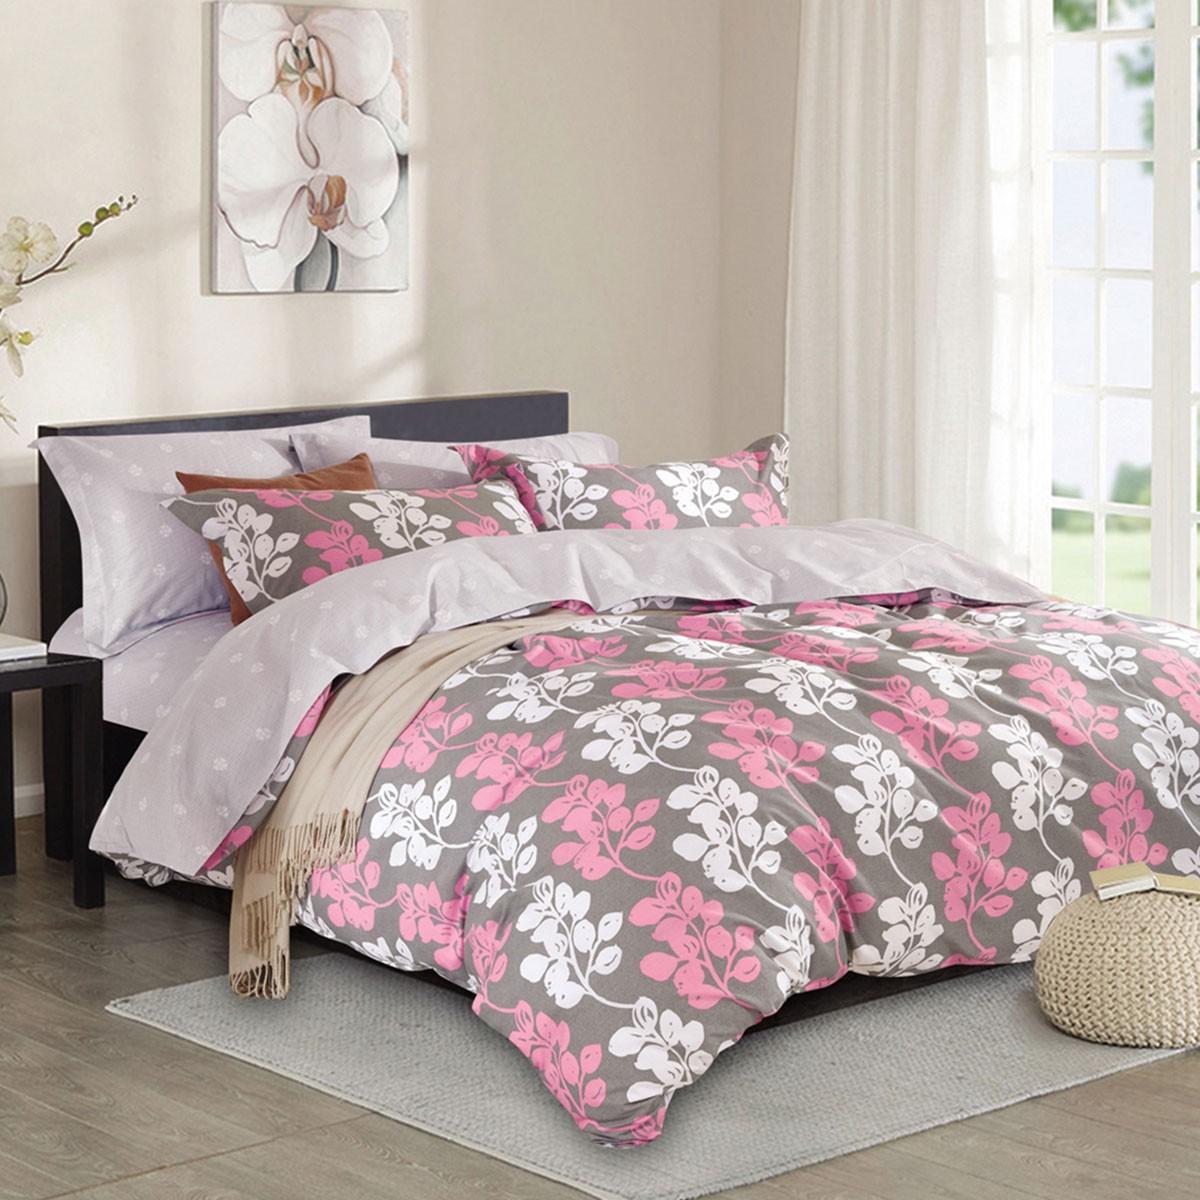 Πάπλωμα + Σεντόνια Υπέρδιπλα (Σετ) Palamaiki Bed In A Bag 0619